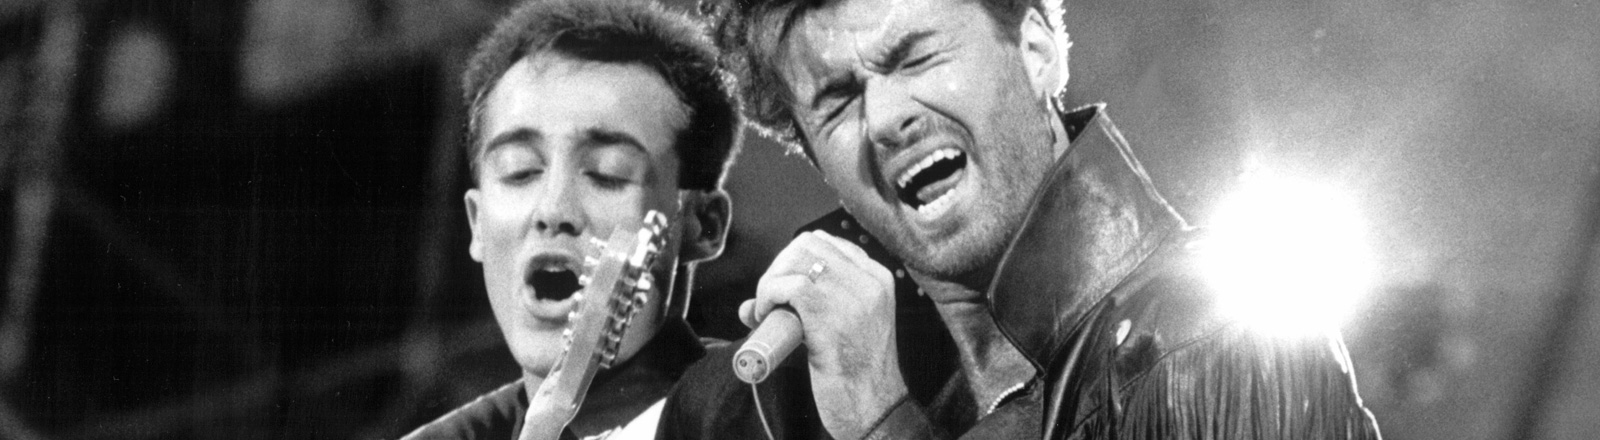 """Schwarz-Weiß-Foto, das britische Pop-Duo """"Wham"""" bei einem Konzert. Andrew Ridgeley an der Gitarre wird von George Michael umarmt, der die Augen geschlossen hält und in ein Mikrofon singt; Bild: dpa"""